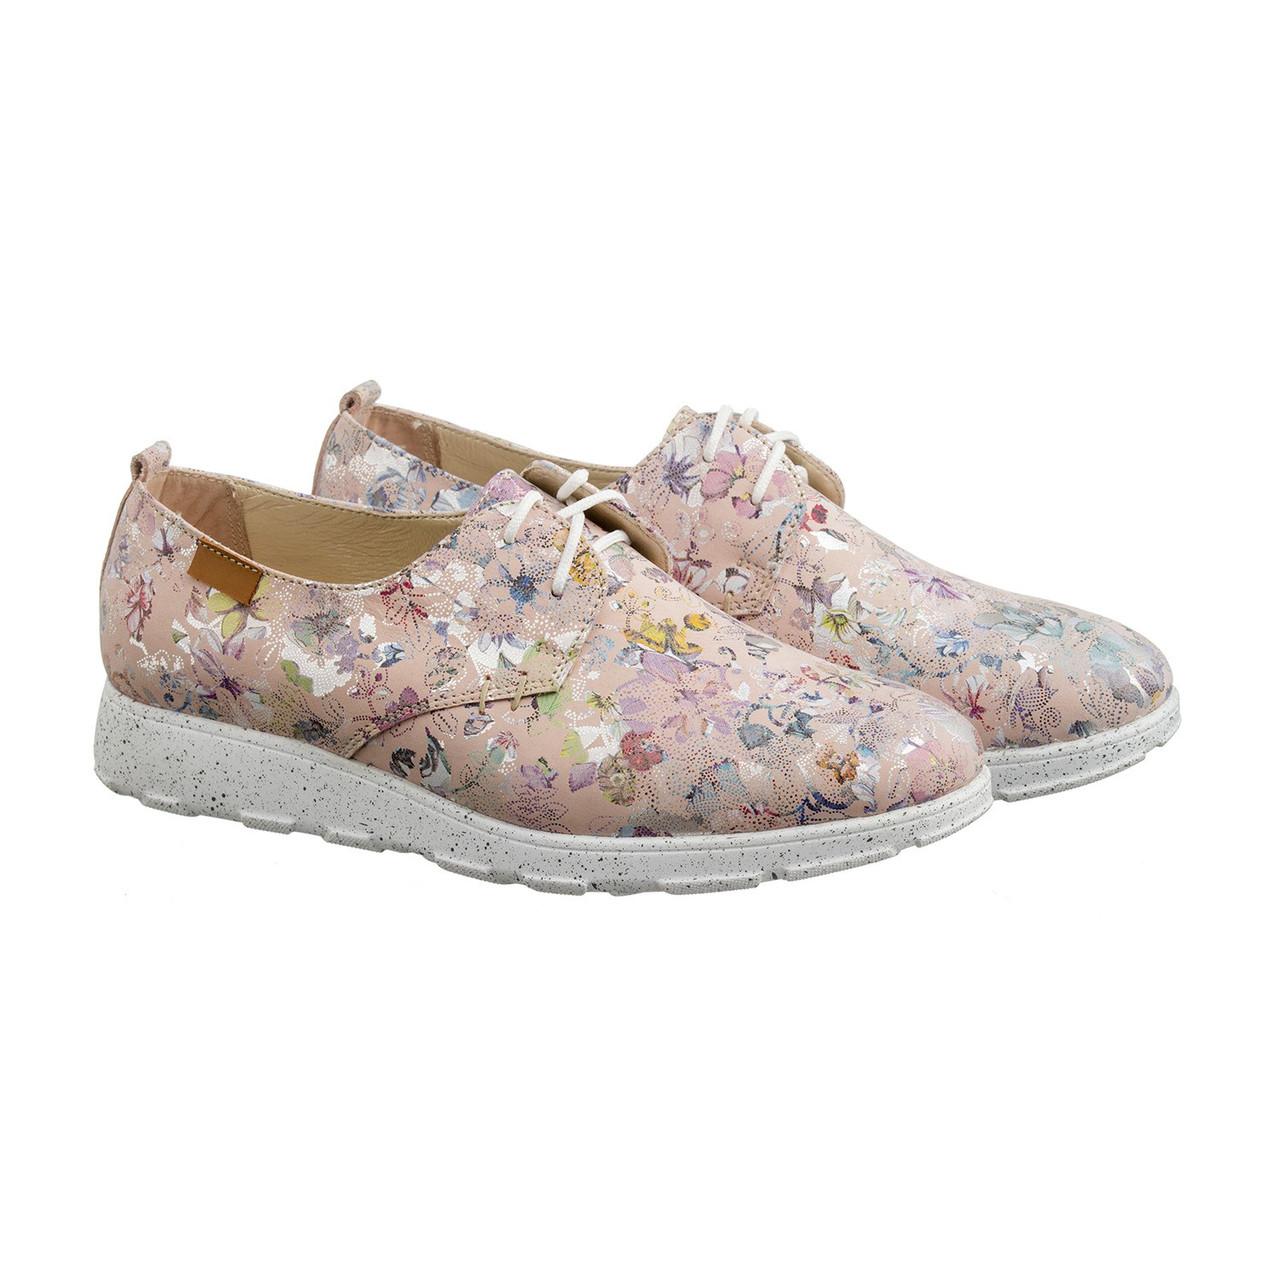 19668ffba Яркие стильные кроссовки из натуральной кожи в цветочек - Booms.com.ua-  интернет